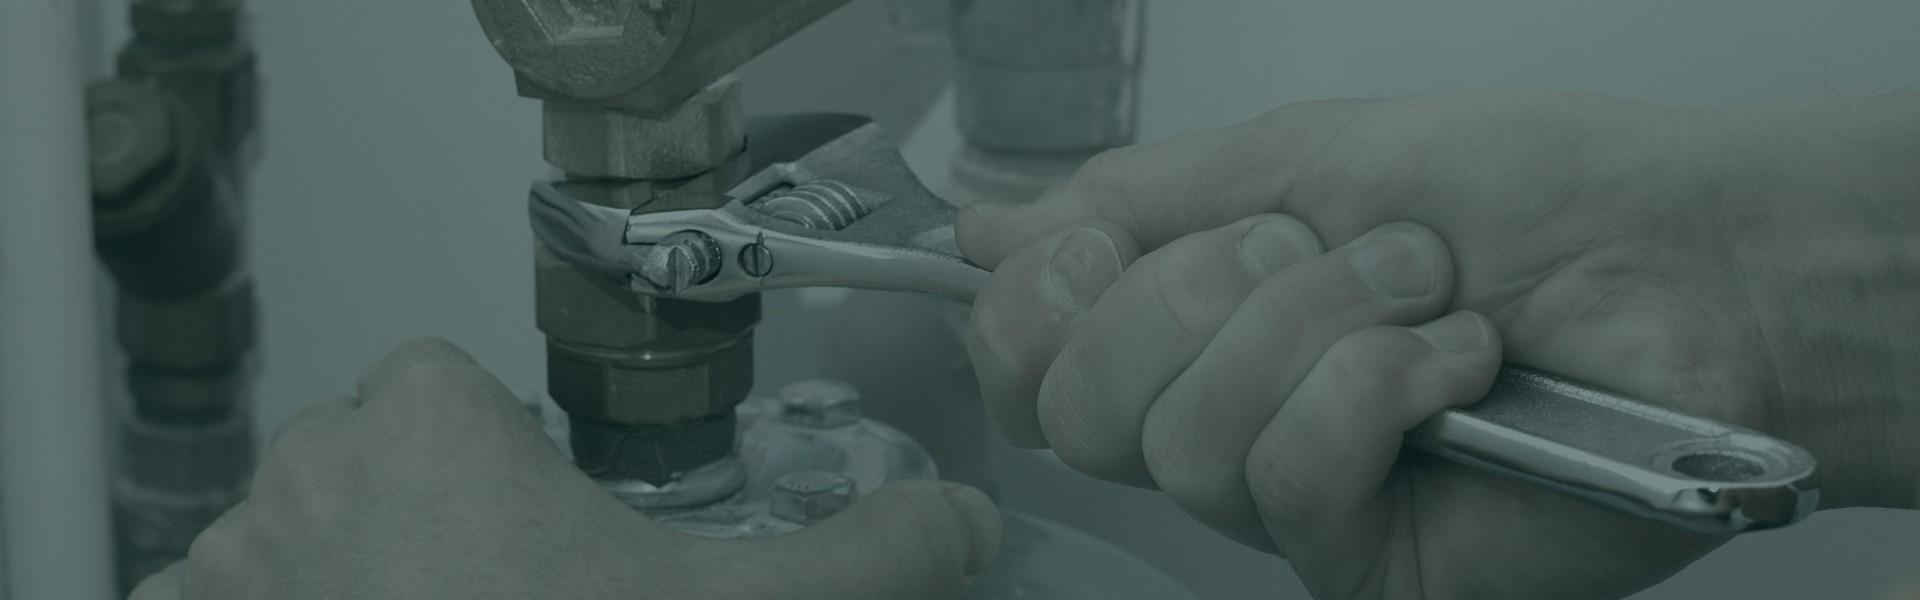 cv monteur den haag CV monteur in Den Haag verant slide installatie onderhoud 1920x600